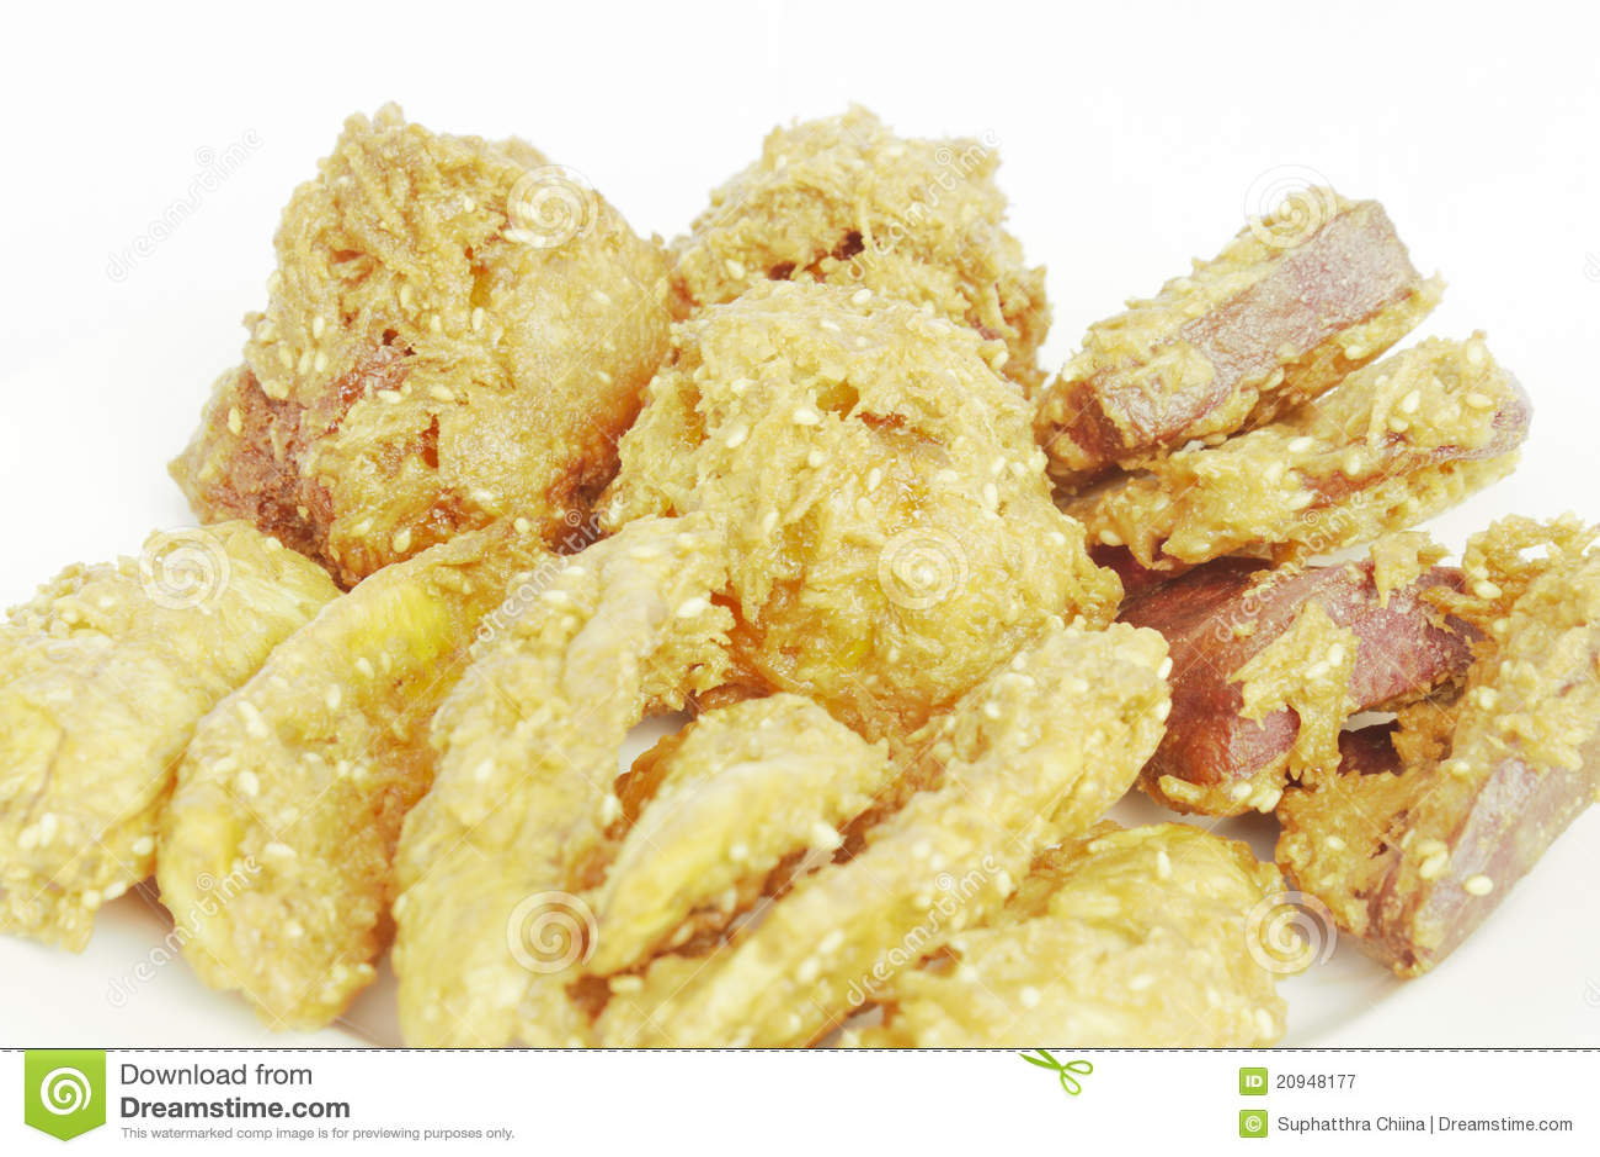 Deep fried sliced banana (in Thai call Kluay khek), fried sweet potato ...